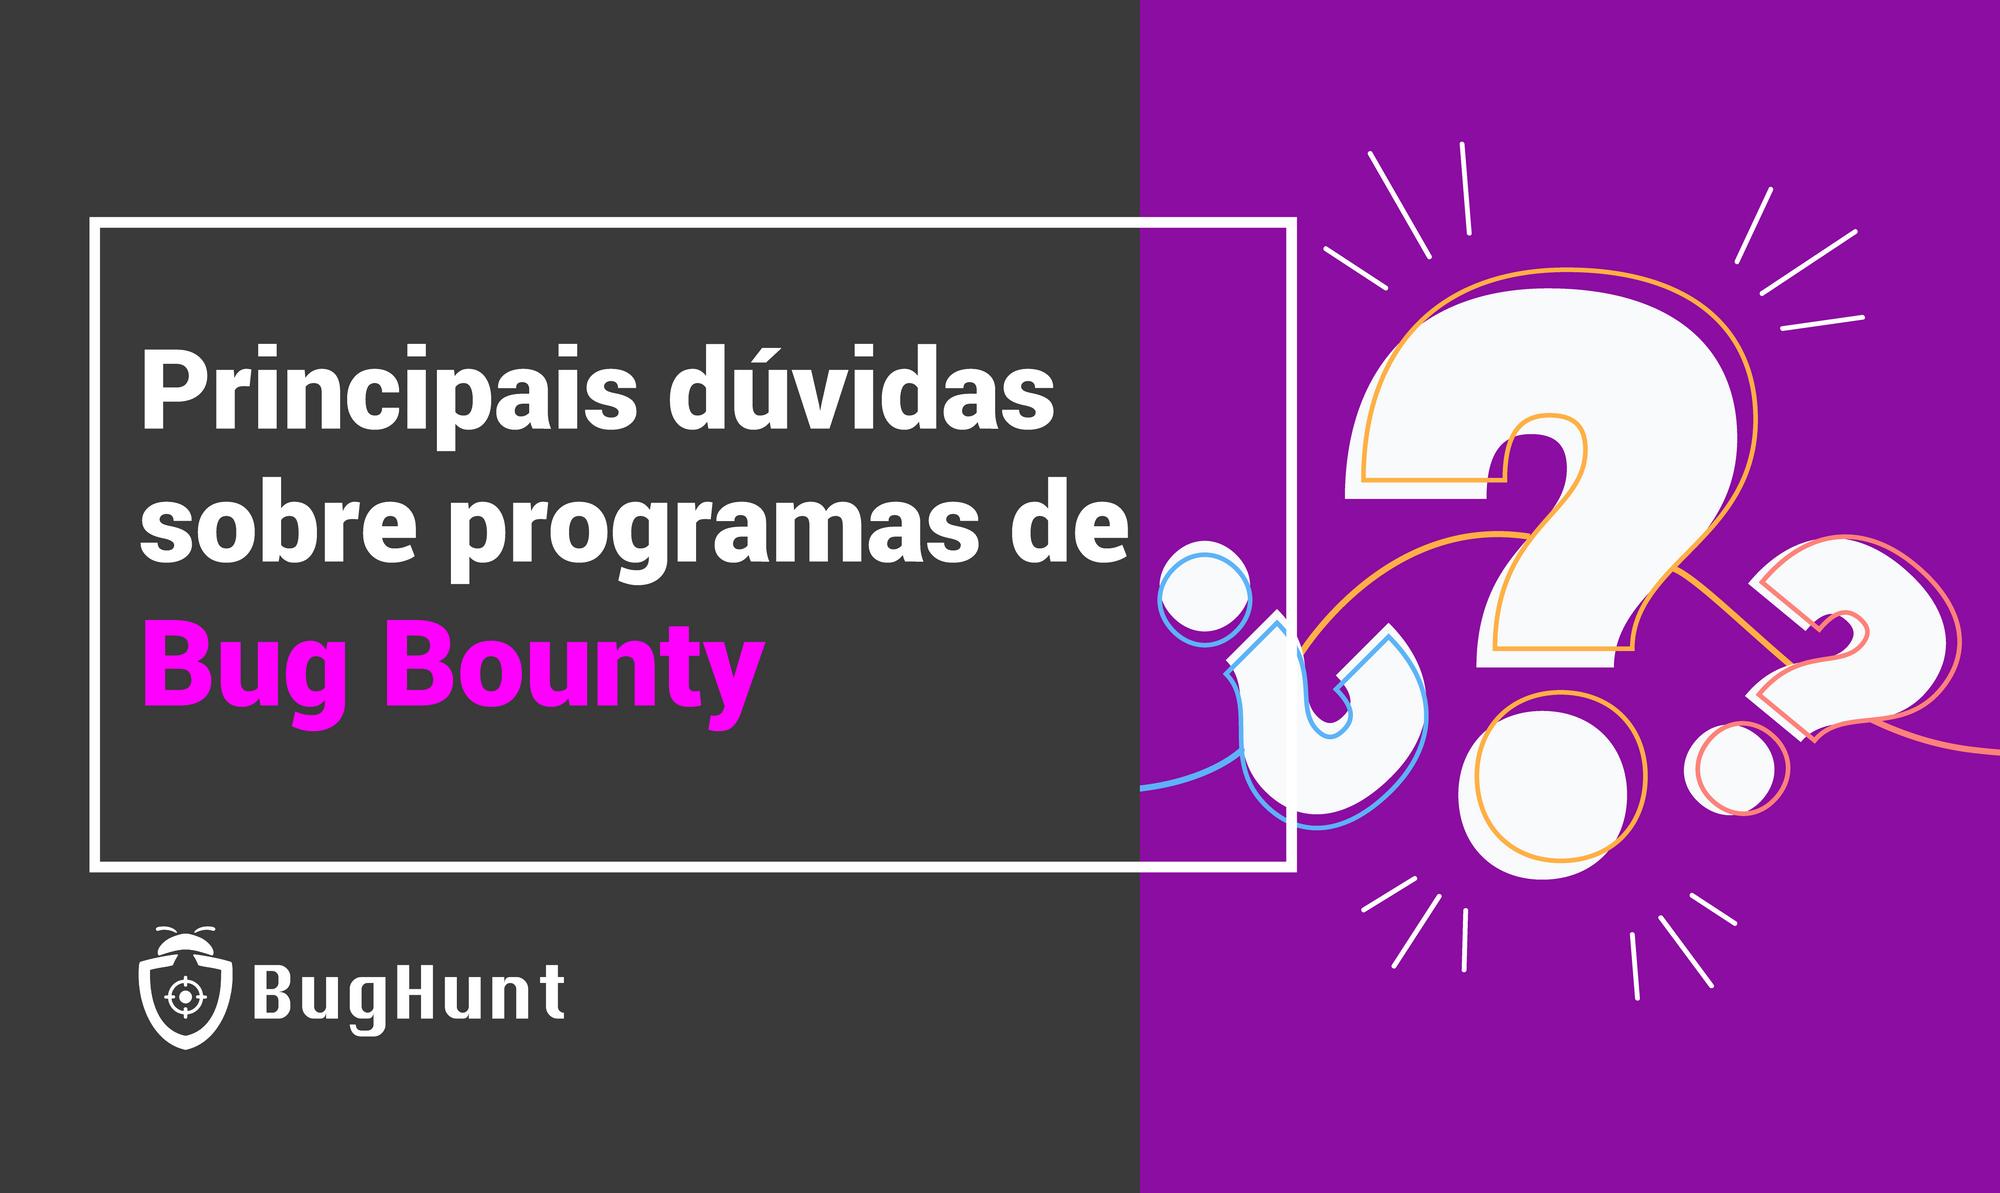 Principais dúvidas sobre programas de Bug Bounty